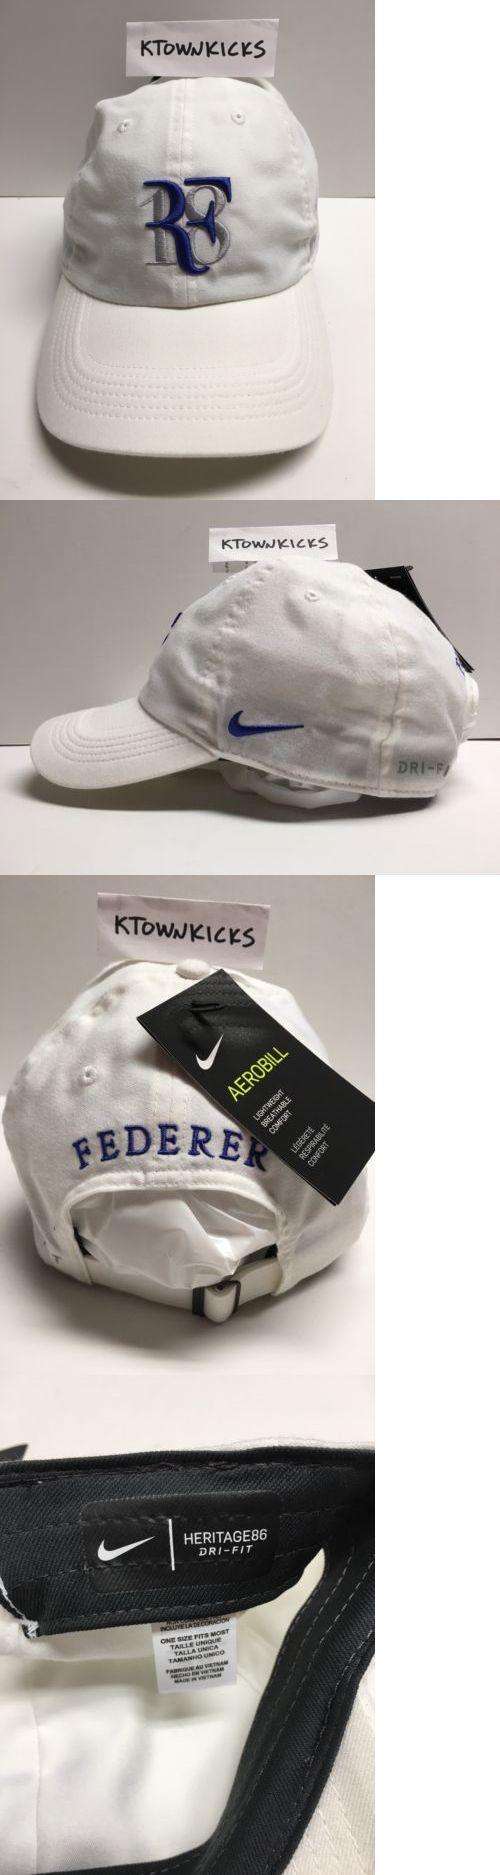 Hats 163543: Nike Roger Federer Grand Slam 18 Major Heritage 86 Hat White Aj6694 100 -> BUY IT NOW ONLY: $34.66 on eBay!